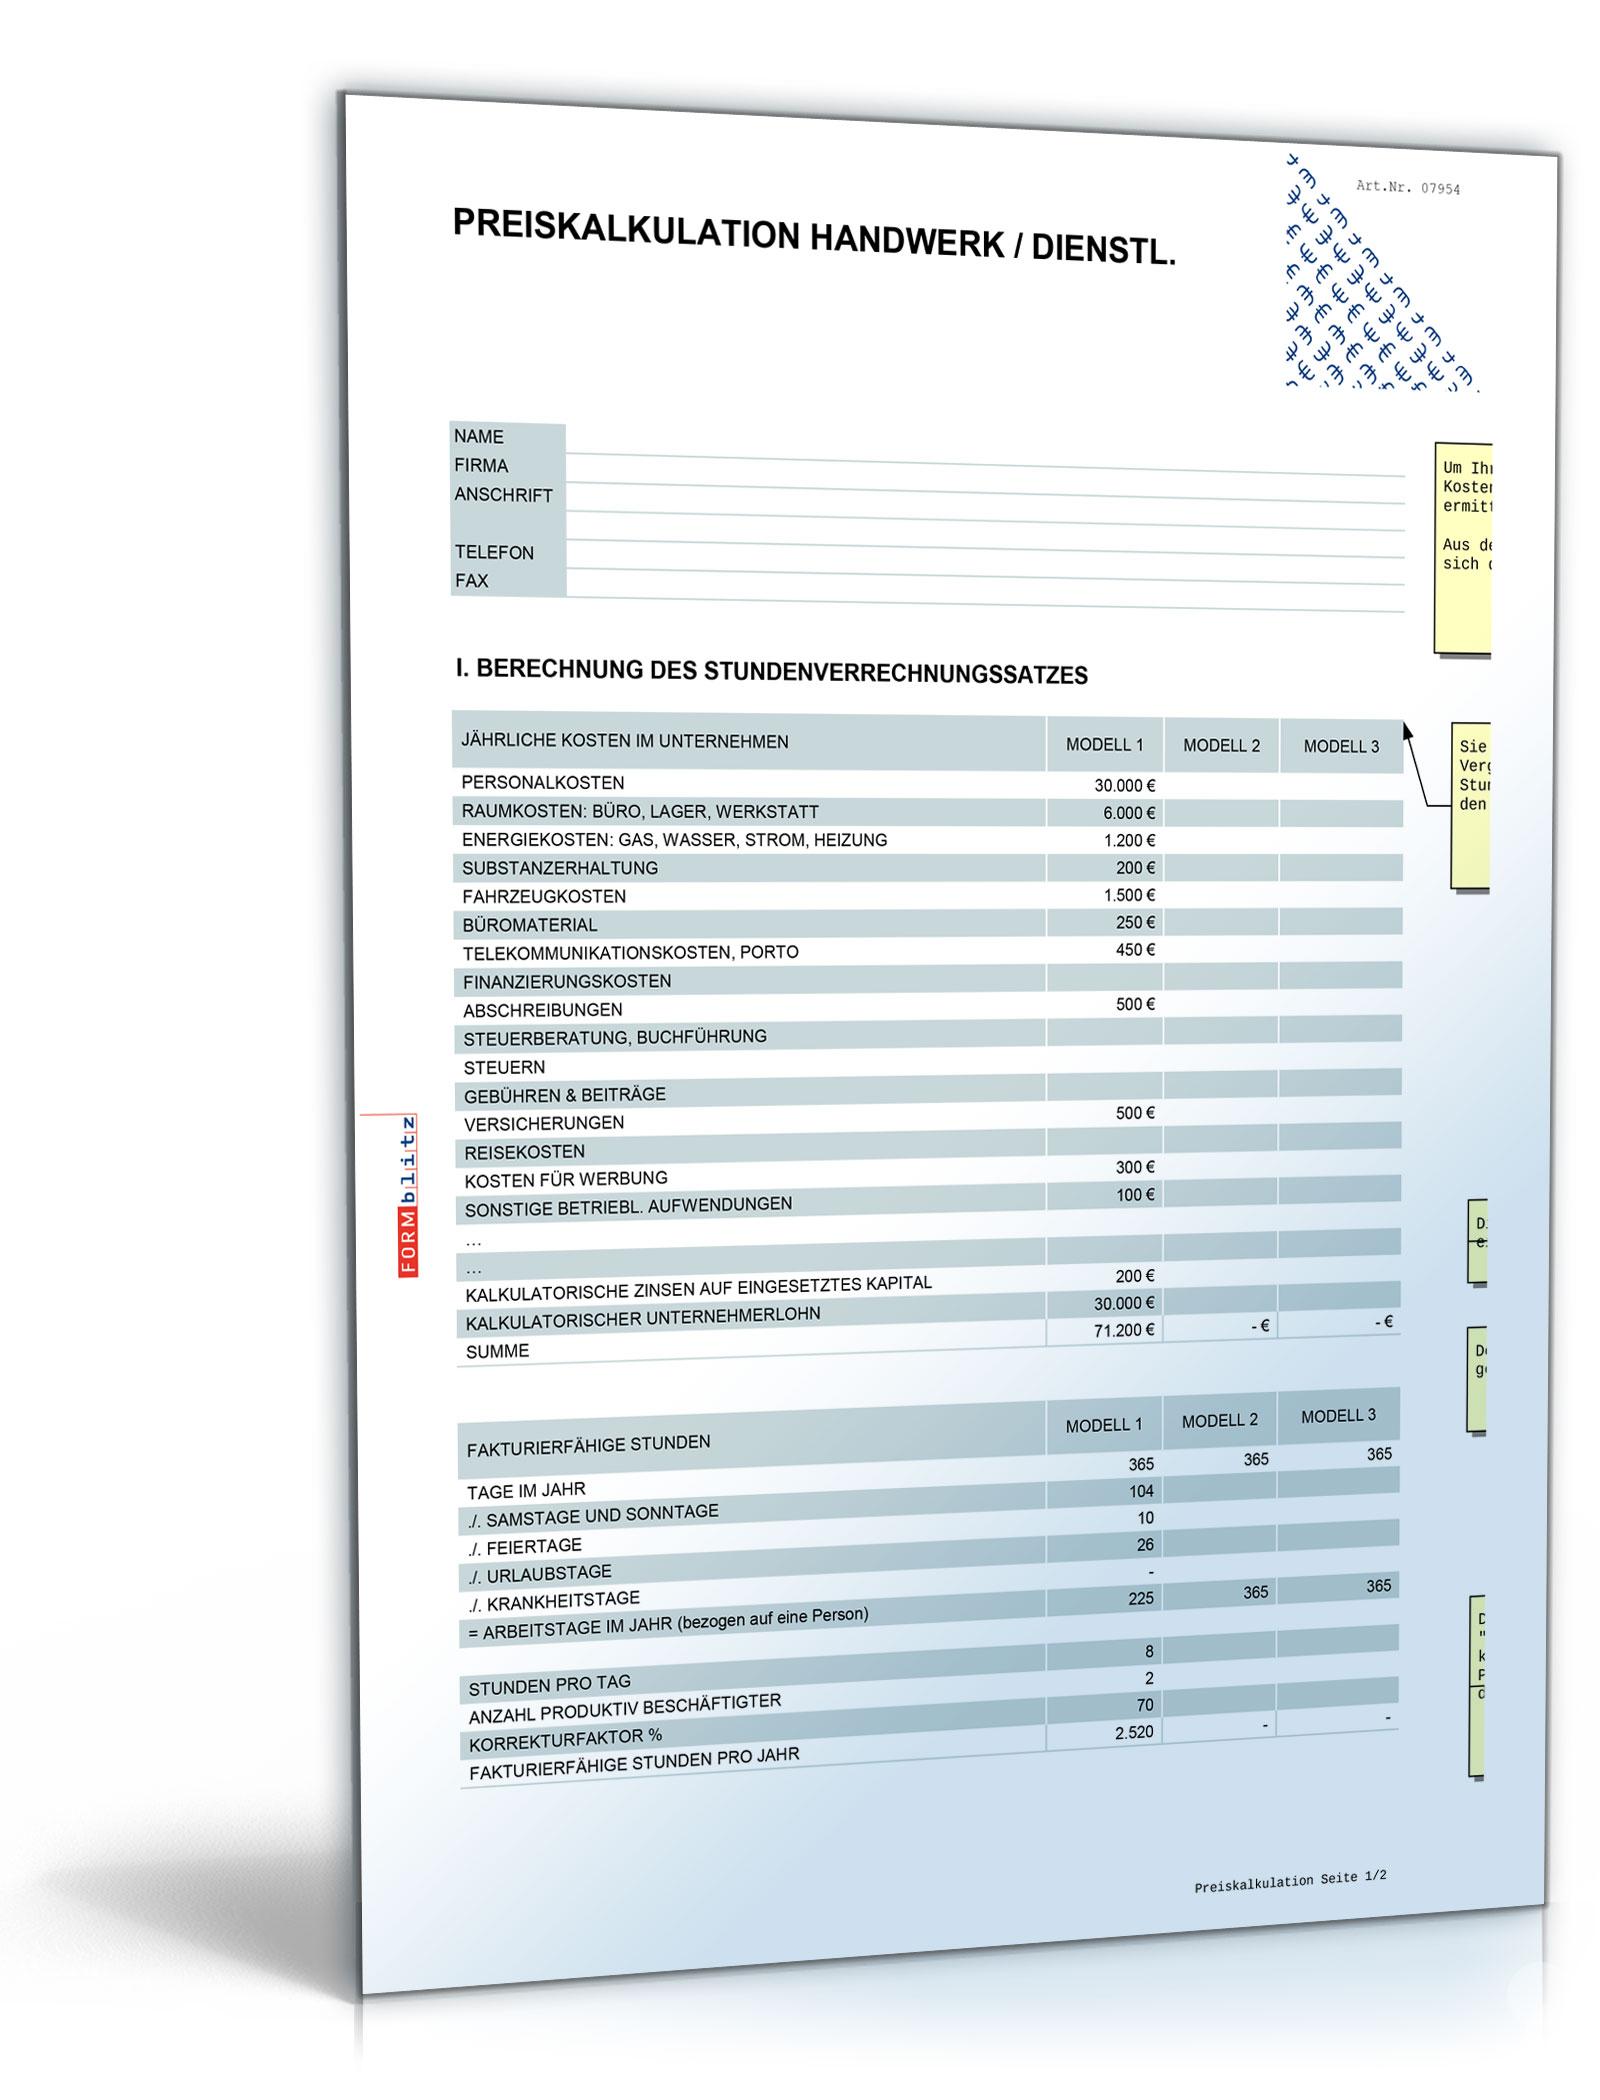 Preis- und Angebotskalkulation Spreadsheet Document [Download]